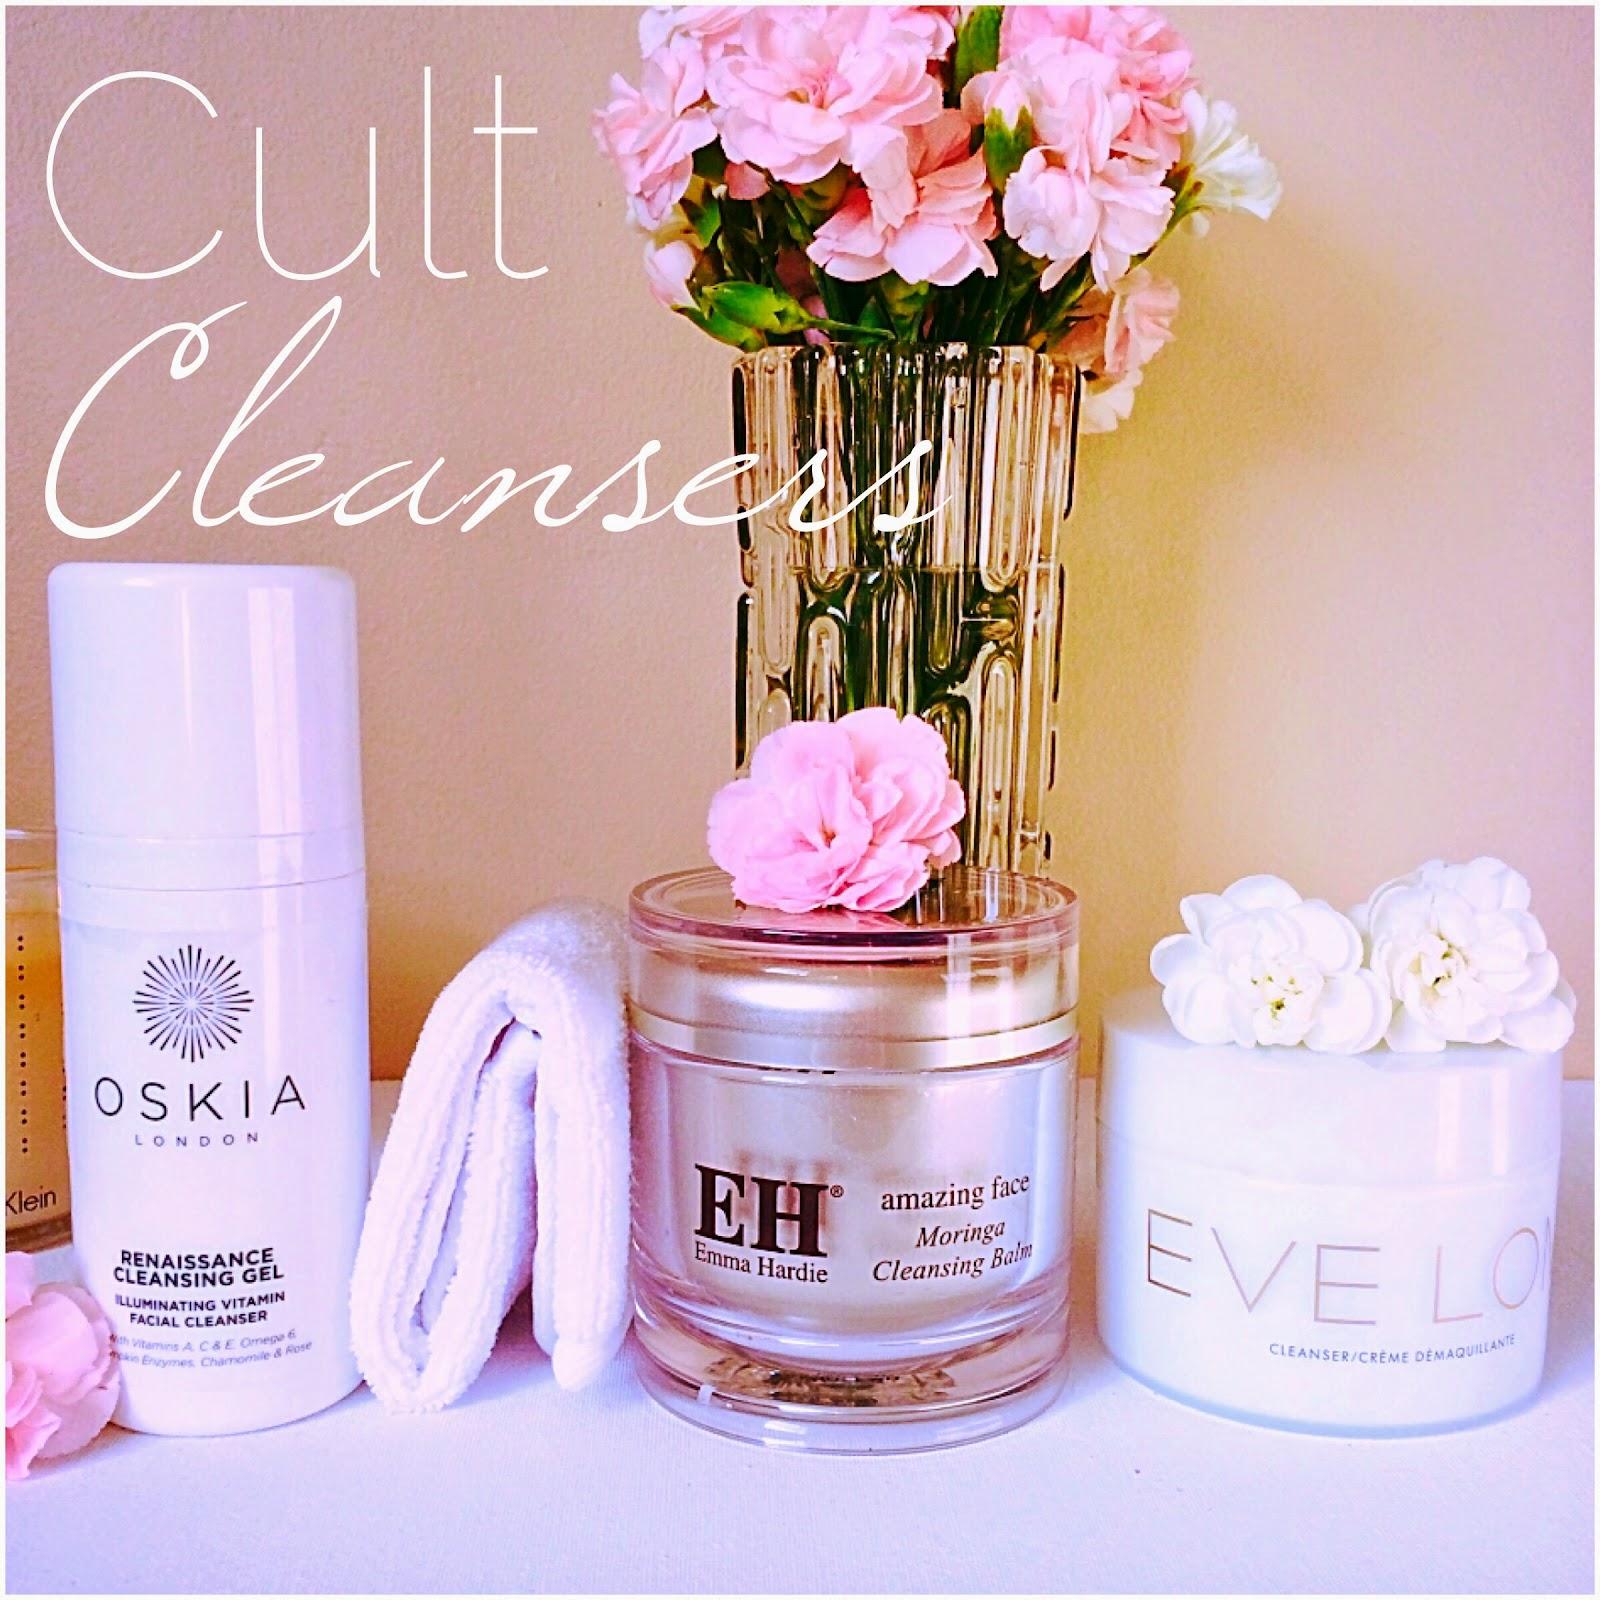 Cult Cleansers - livingandbeauty.com